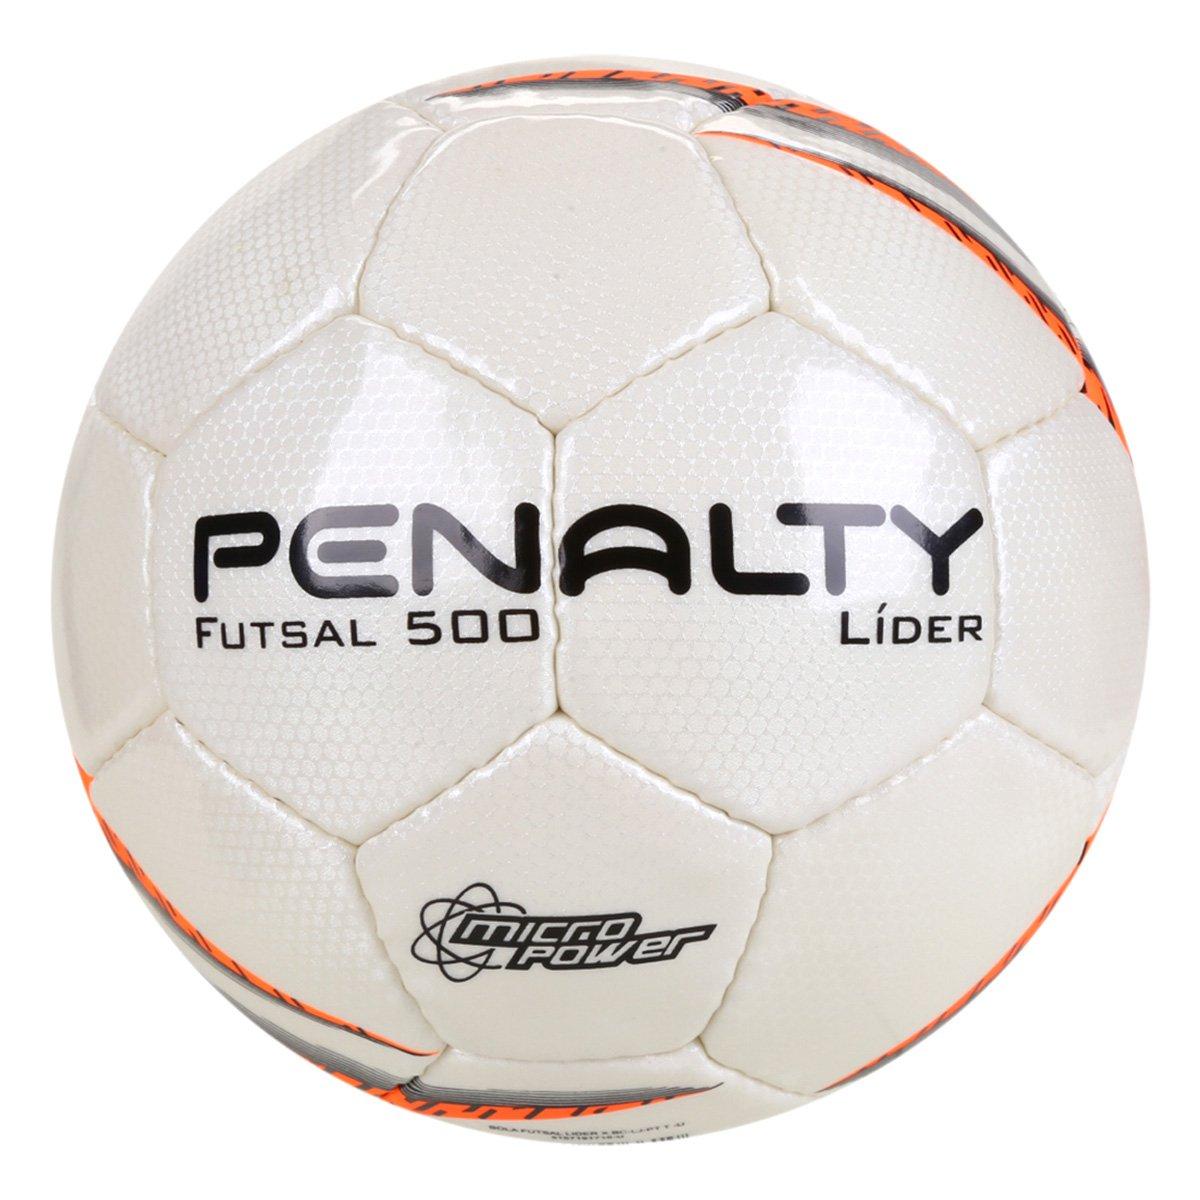 Bola de Futsal Penalty Lider X